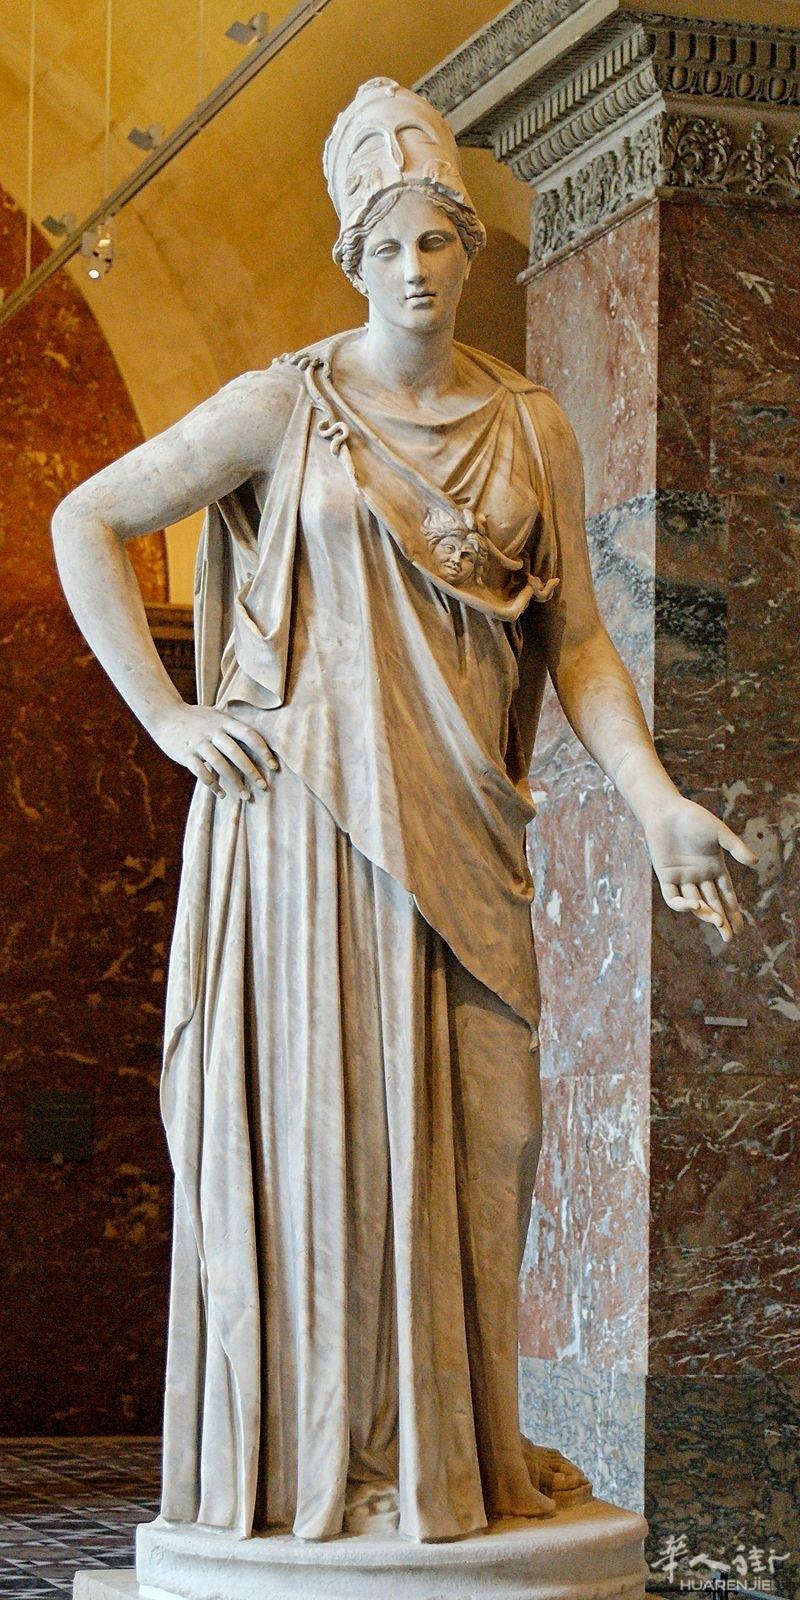 800px-Mattei_Athena_Louvre_Ma530_n2.jpg